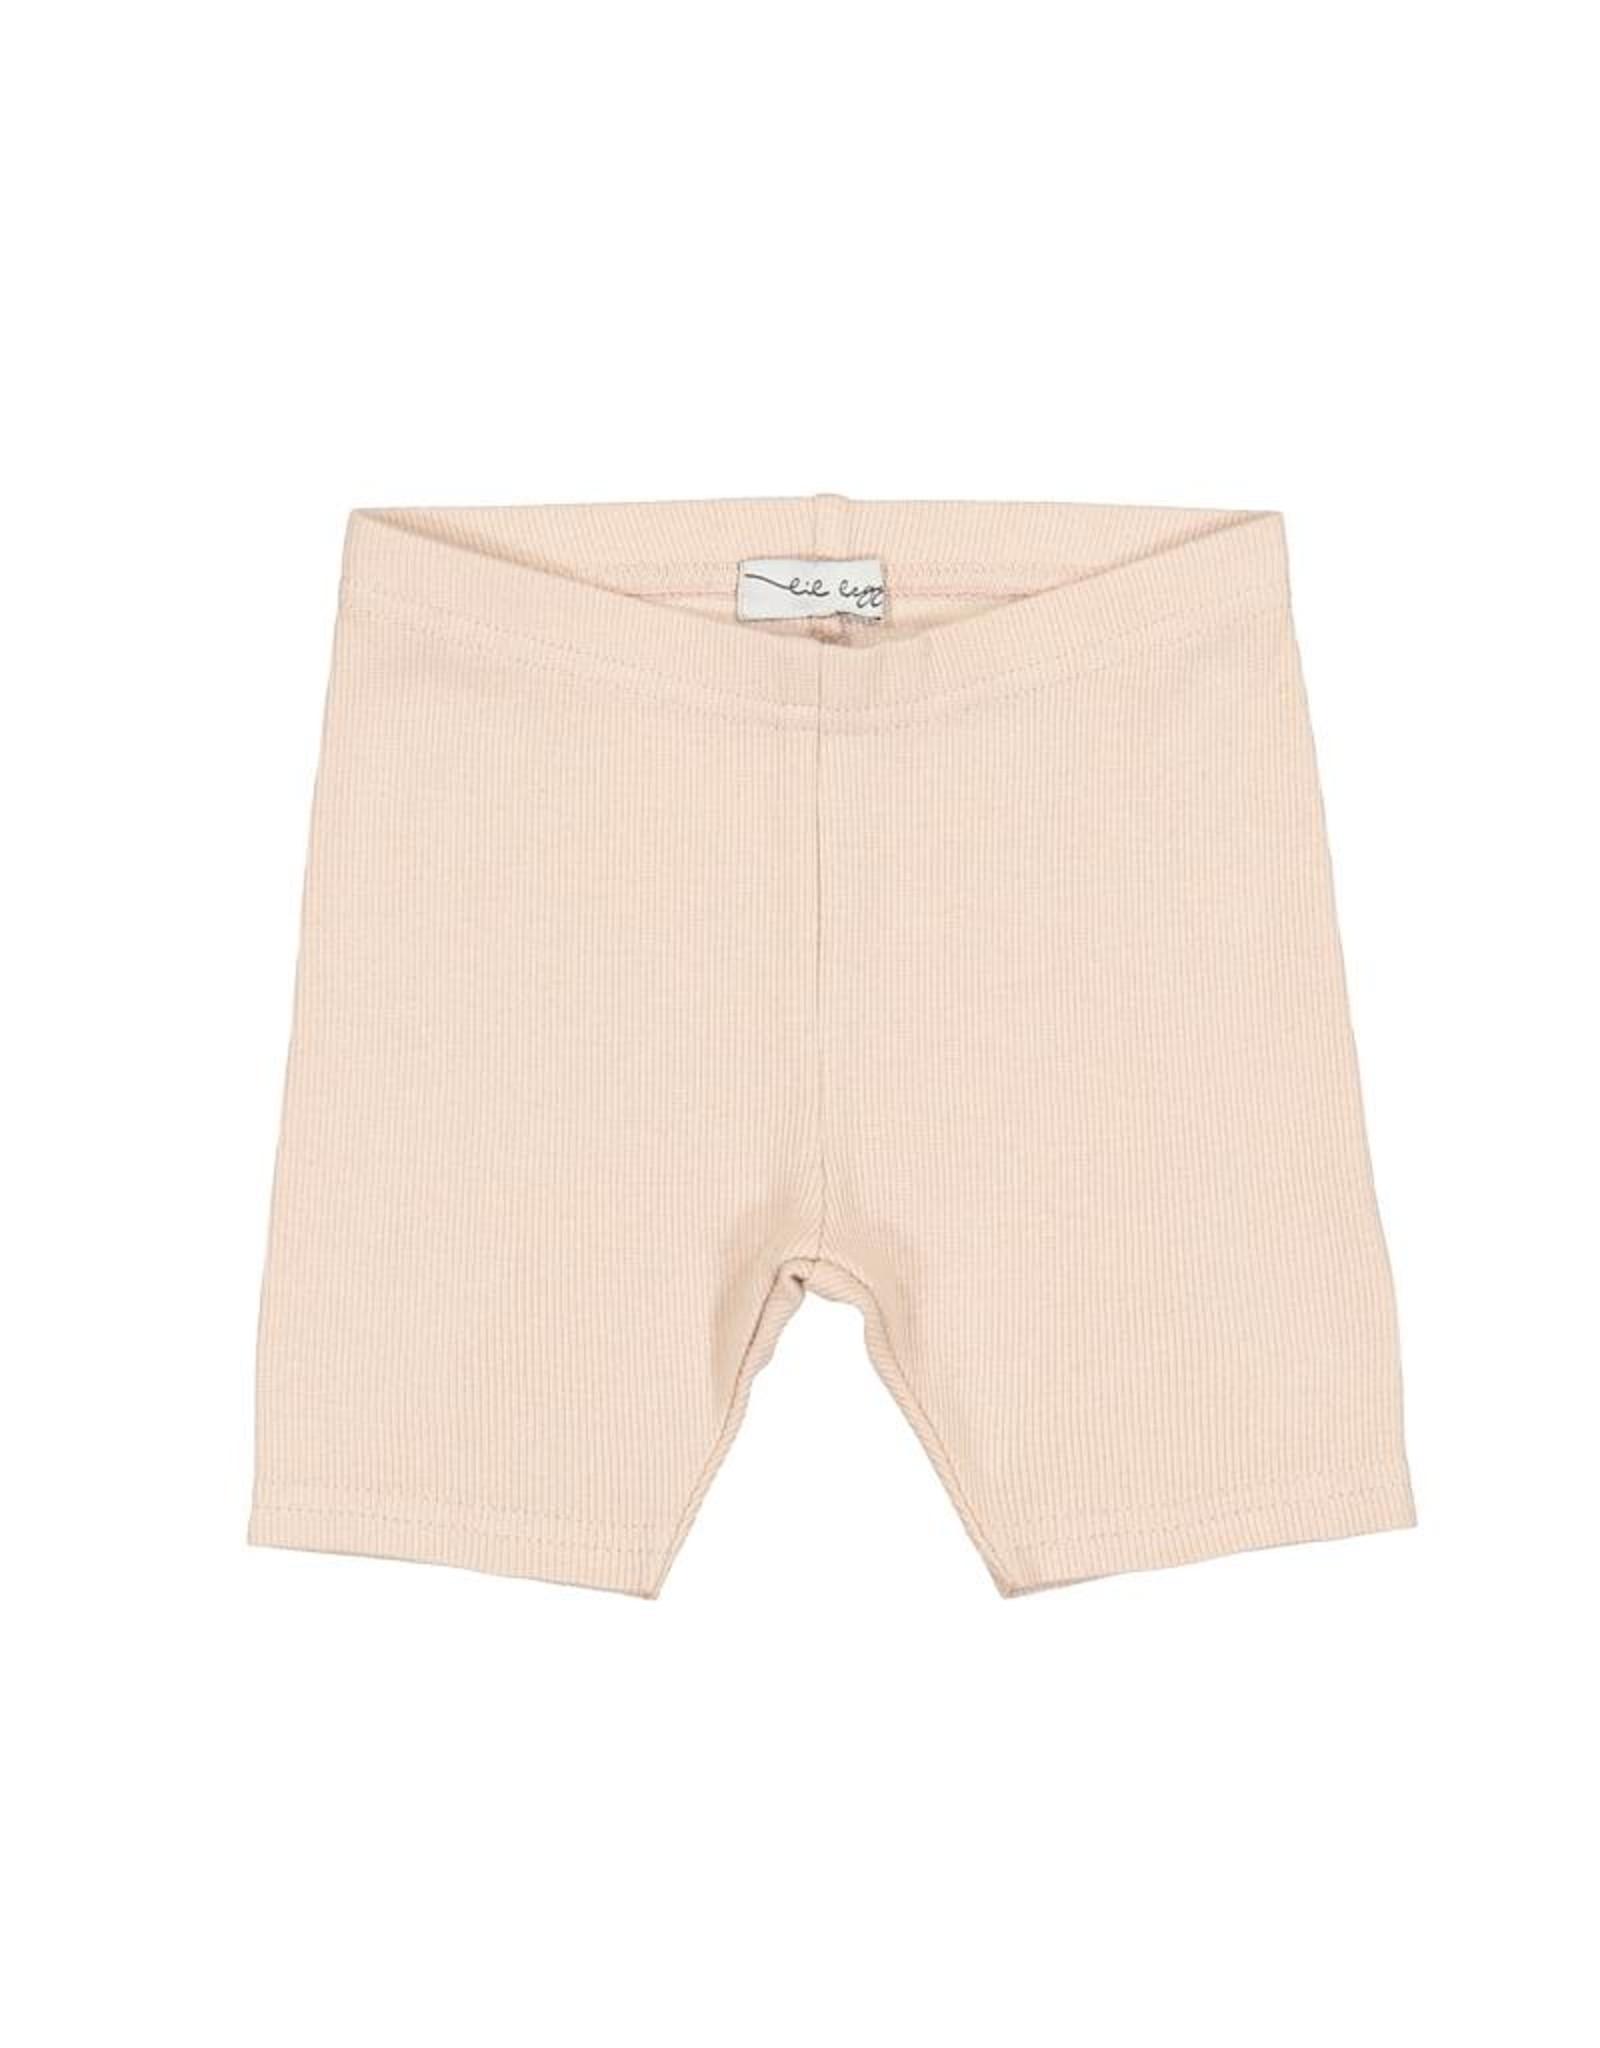 LIL LEGS Lil Legs SS19 Rib Shorts Fashion Colors